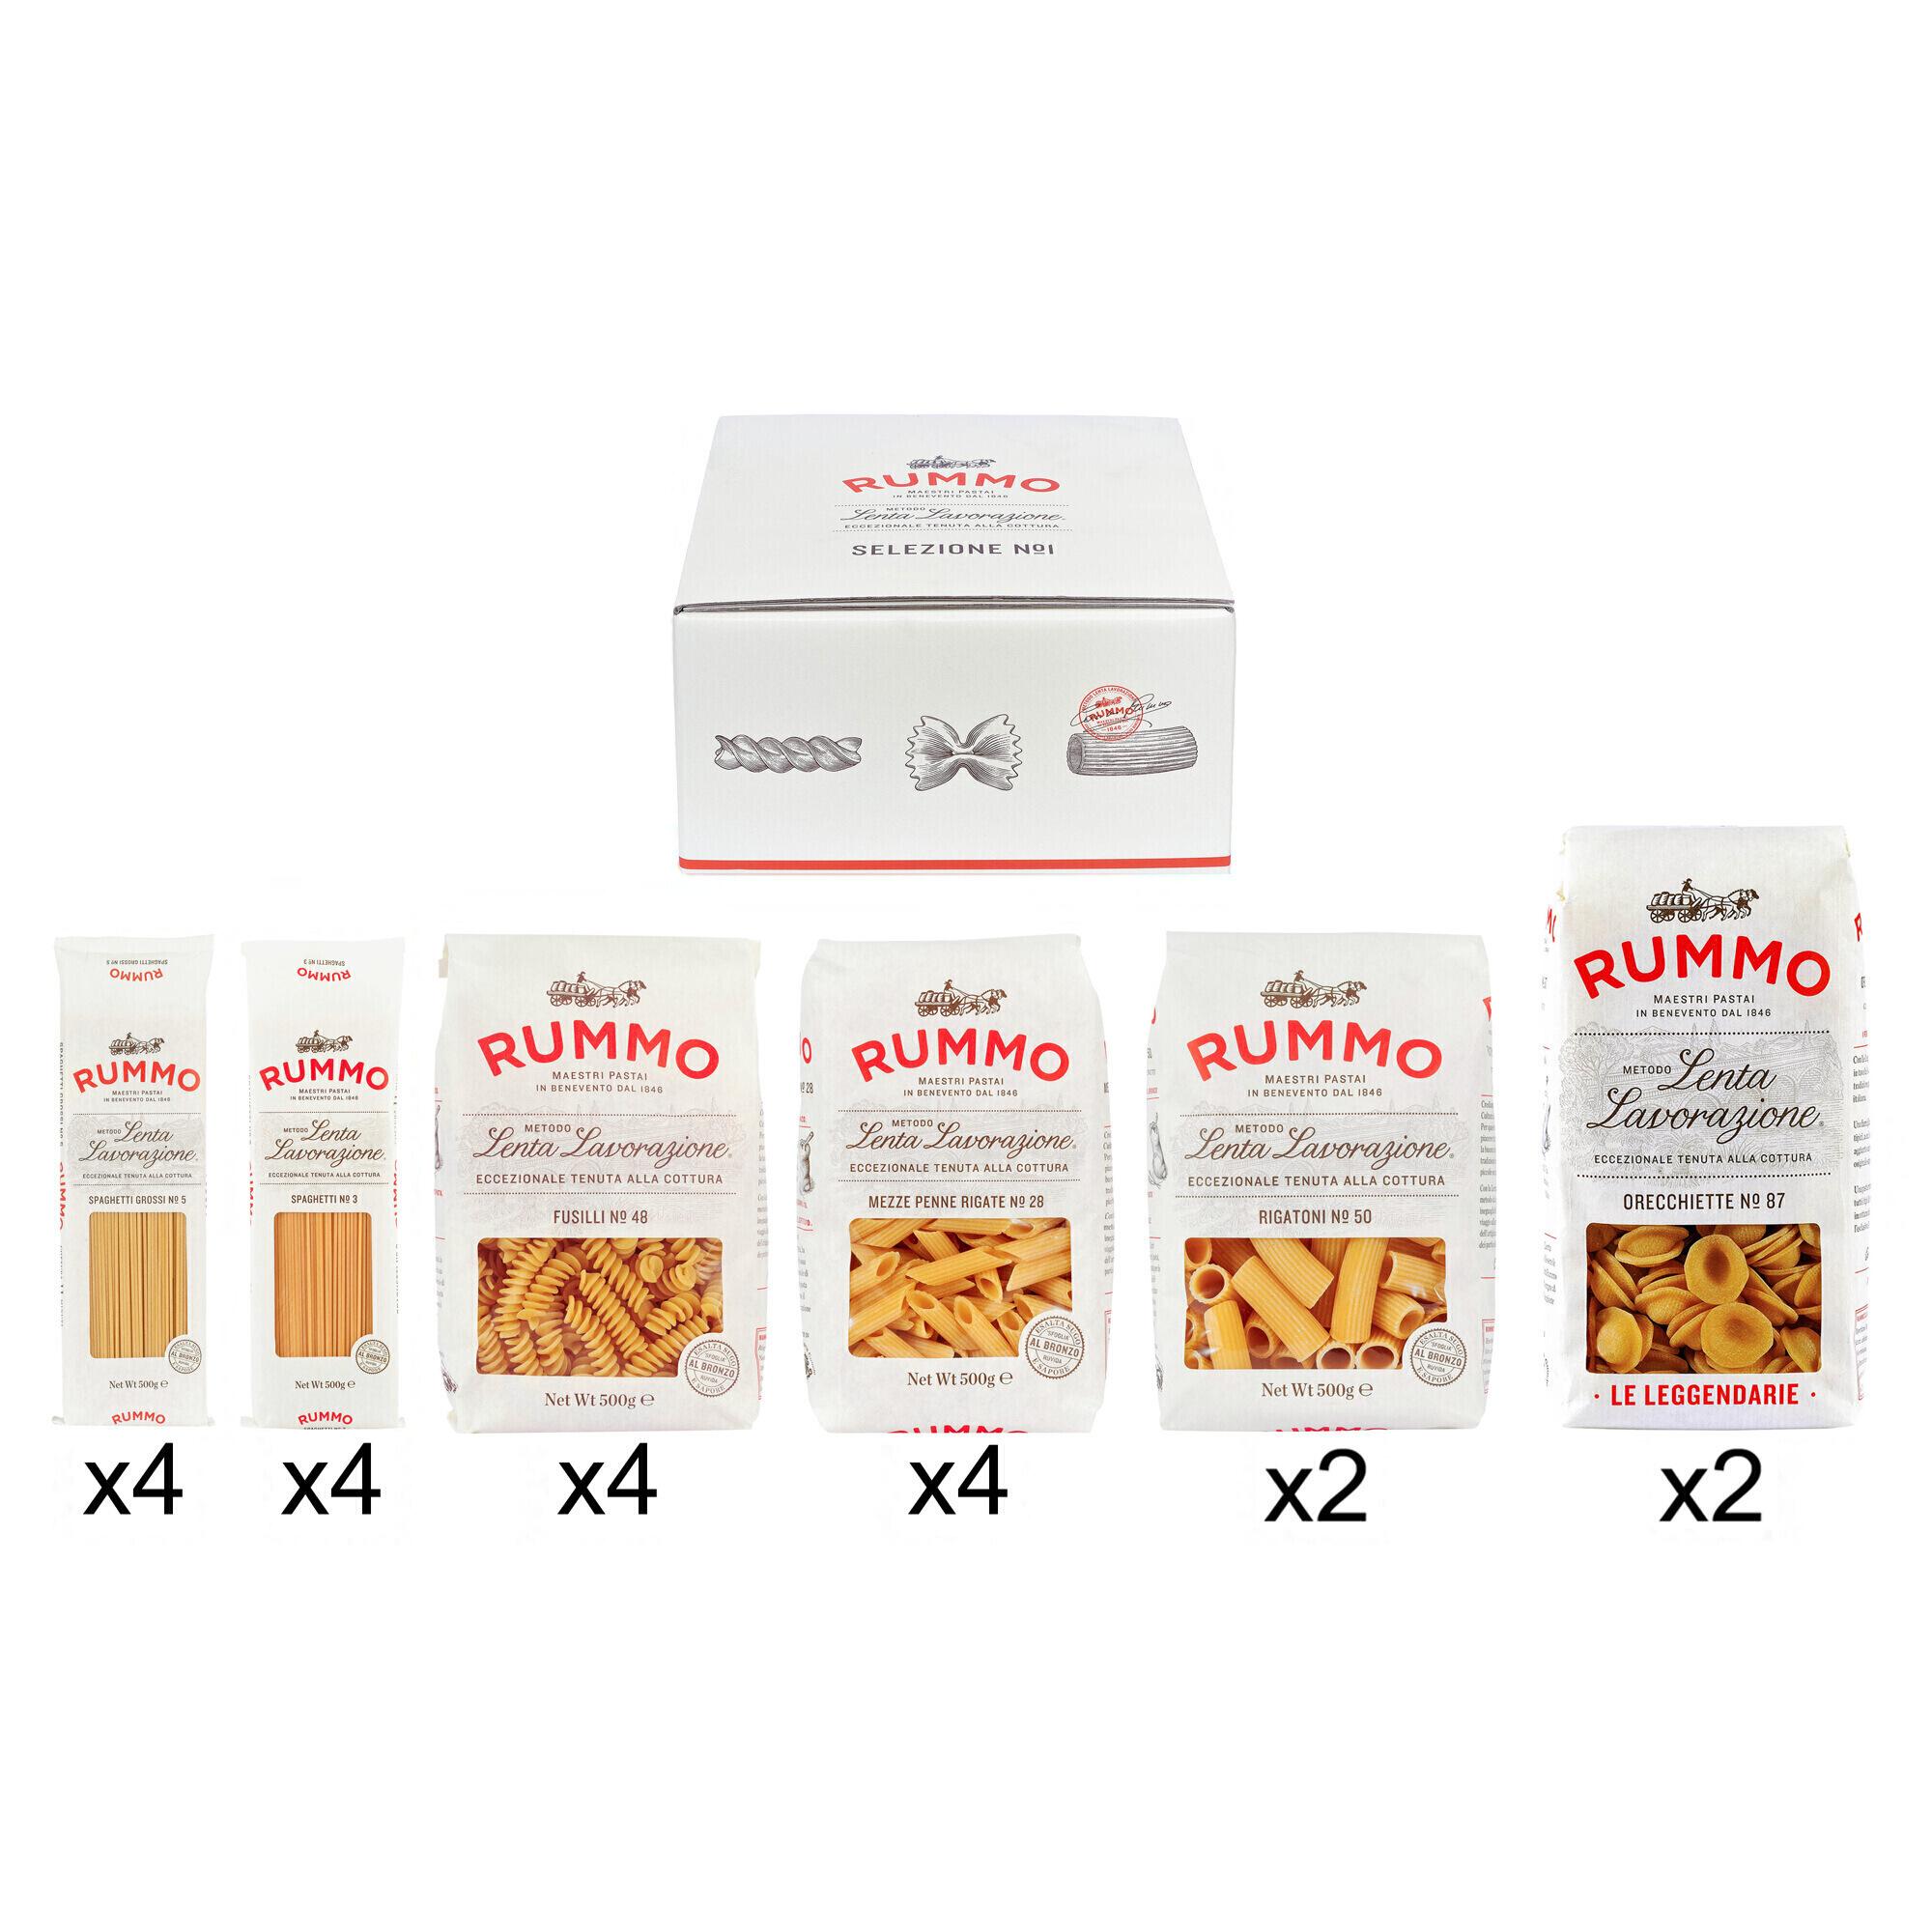 Lot de 20 paquets de pâtes Rummo - 20 x 500g